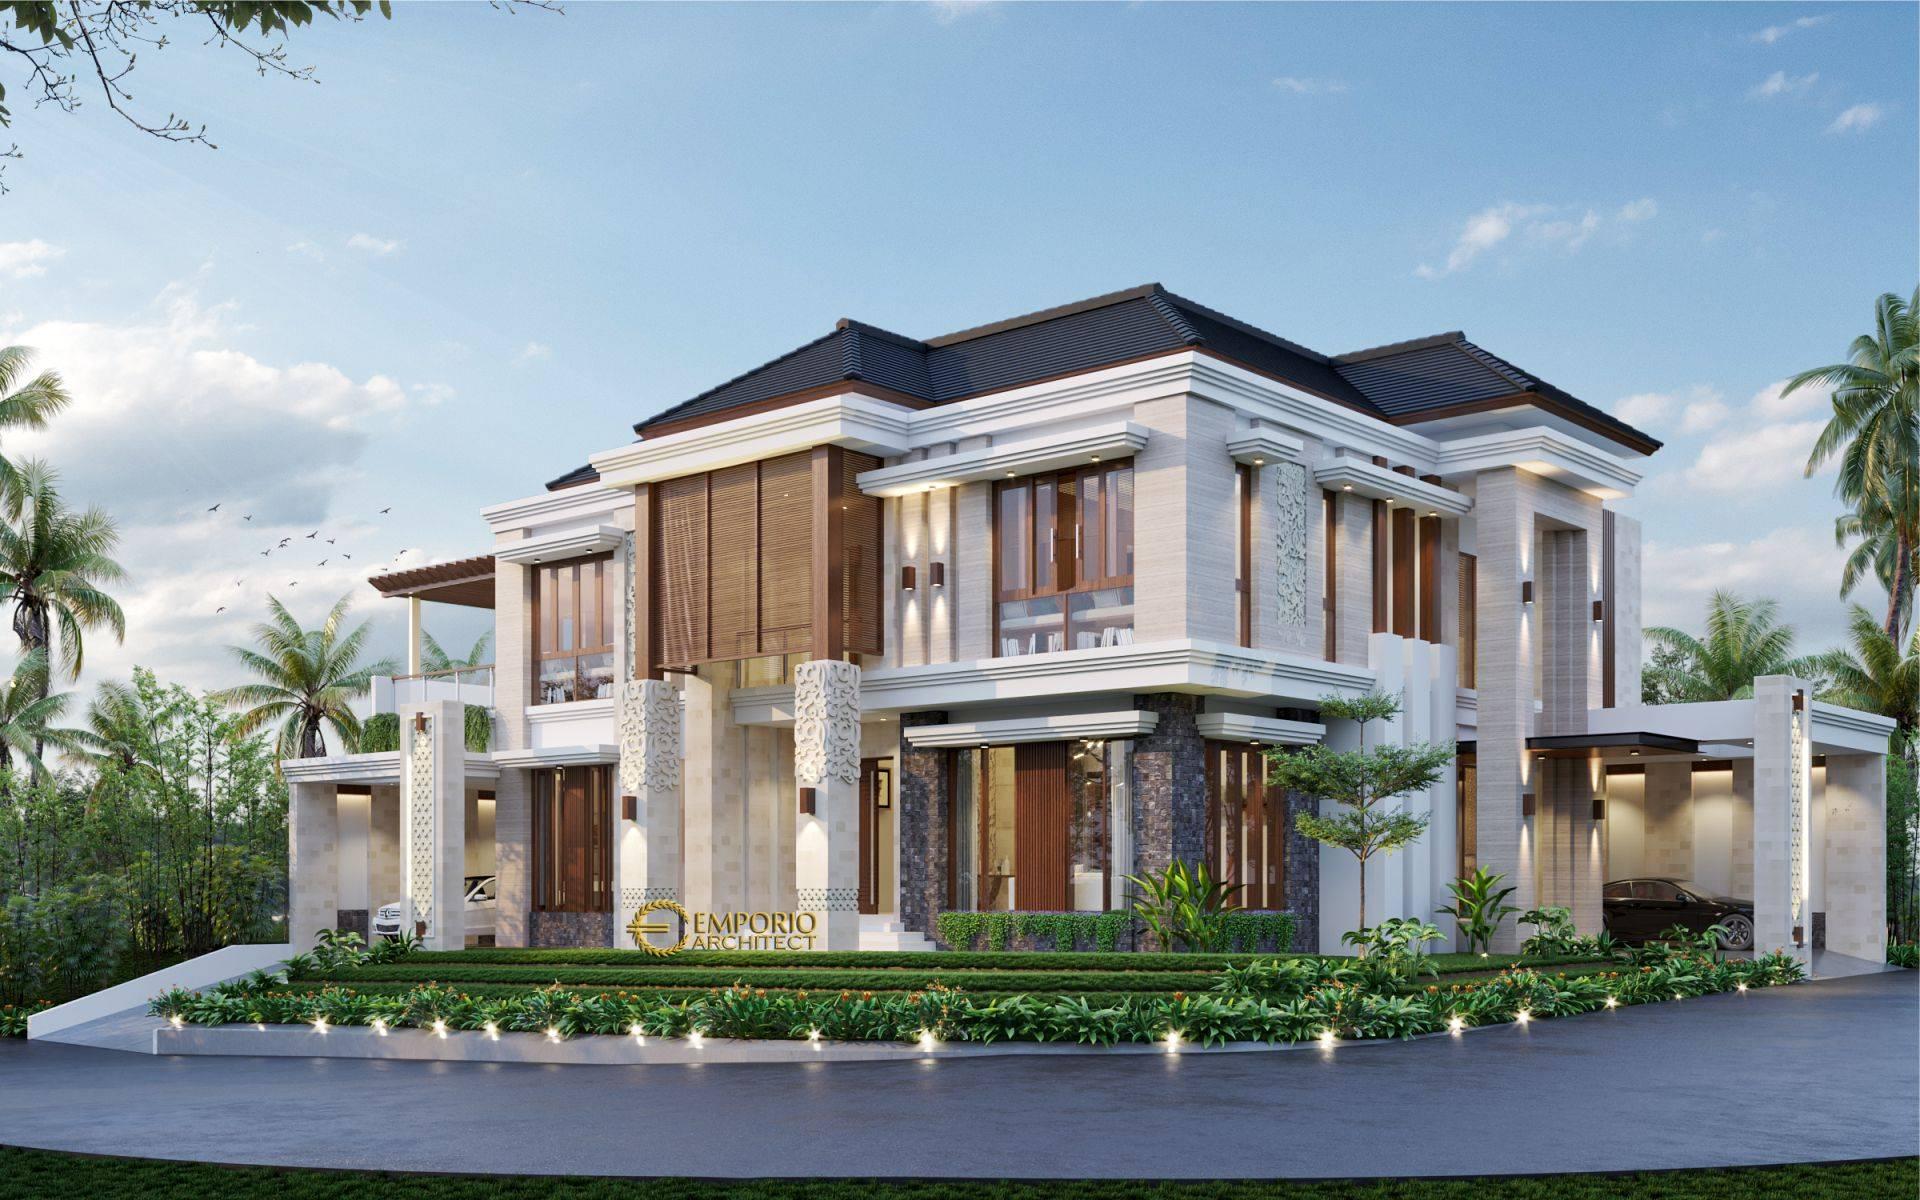 Desain Rumah Villa Bali 2 Lantai Ibu Verawaty di Tangerang ...